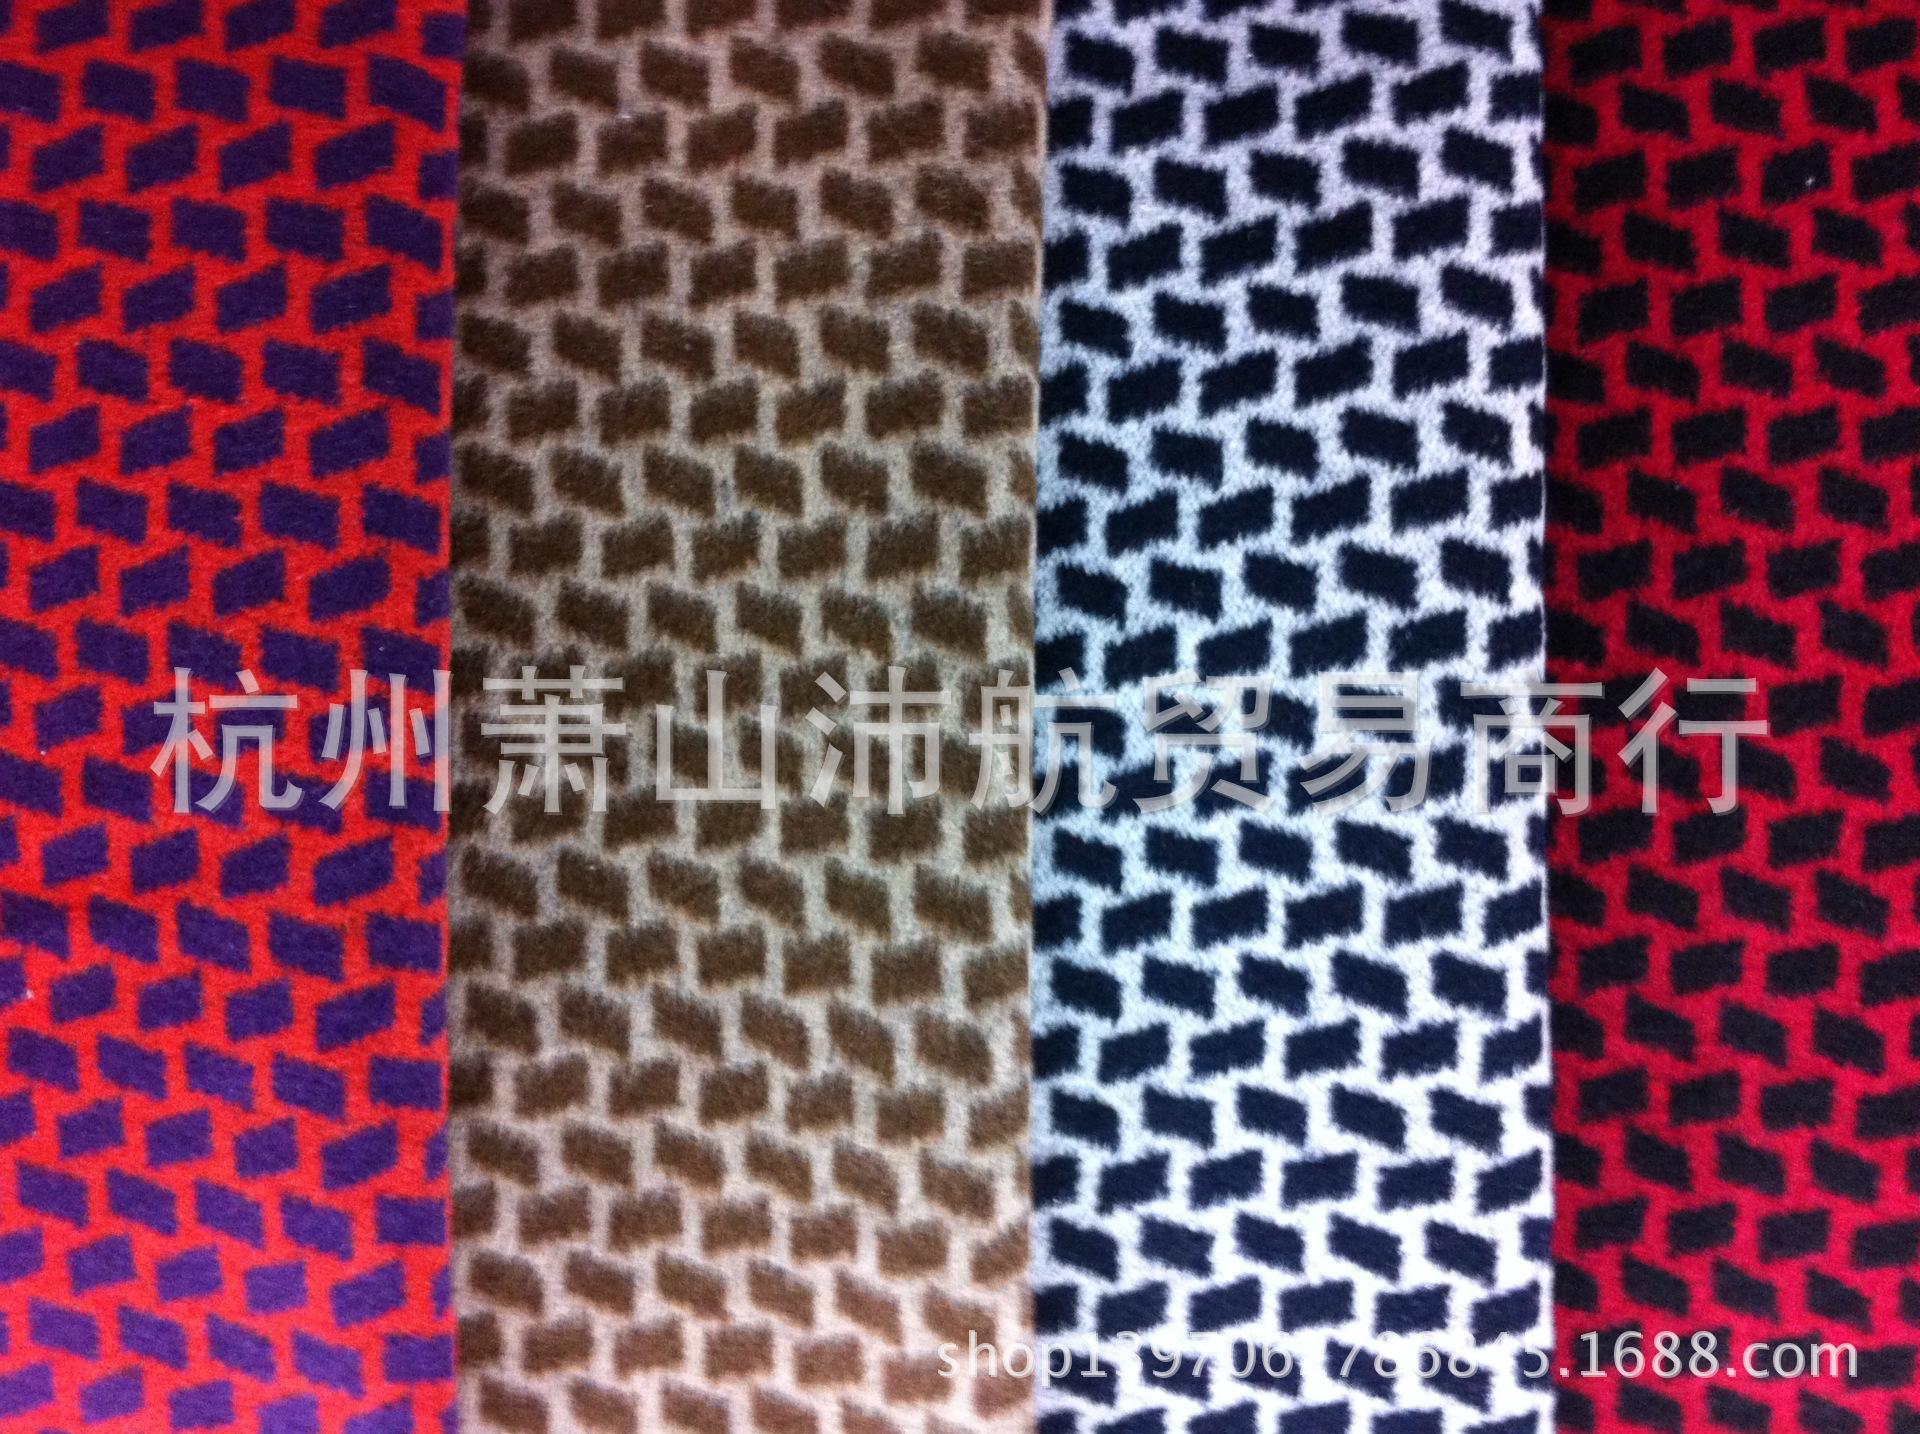 厂家直销30%羊毛提花方块格子粗纺花呢面料 羊毛大衣呢面料